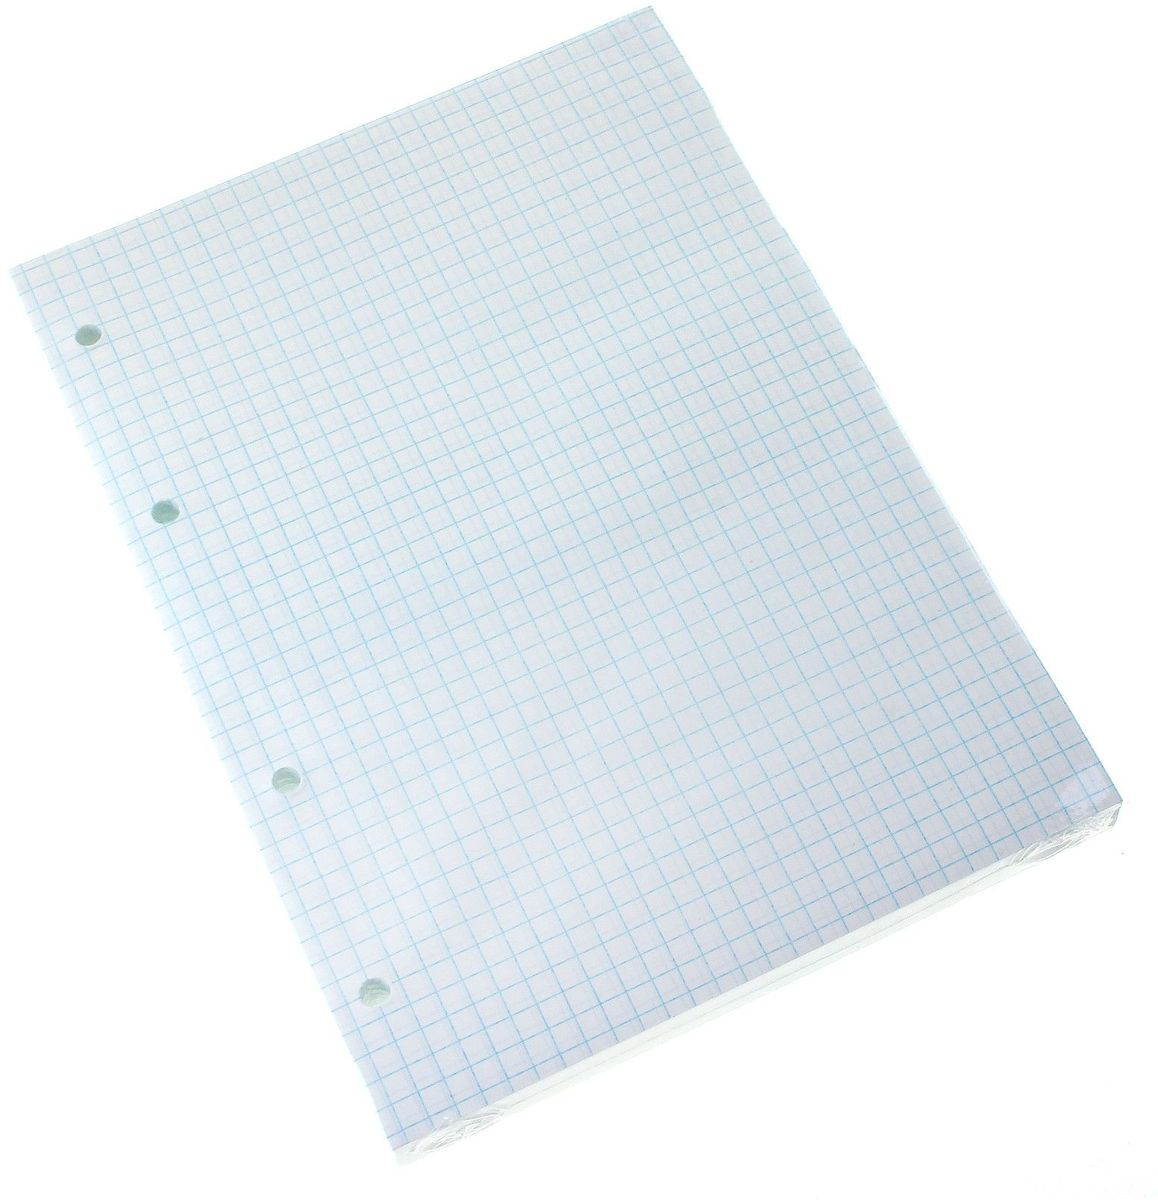 КПК Сменный блок для тетради на кольцах формат A5 160 листов в клетку679456Сменный блок в клетку КПК предназначен для тетрадей с кольцевым механизмом.Листы выполнены из бумаги белого цвета формата А5 в голубую клетку и имеют универсальную перфорацию.Идеально подходят для использования всех видов пишущих принадлежностей, включая гелевые, капиллярные и перьевые ручки.